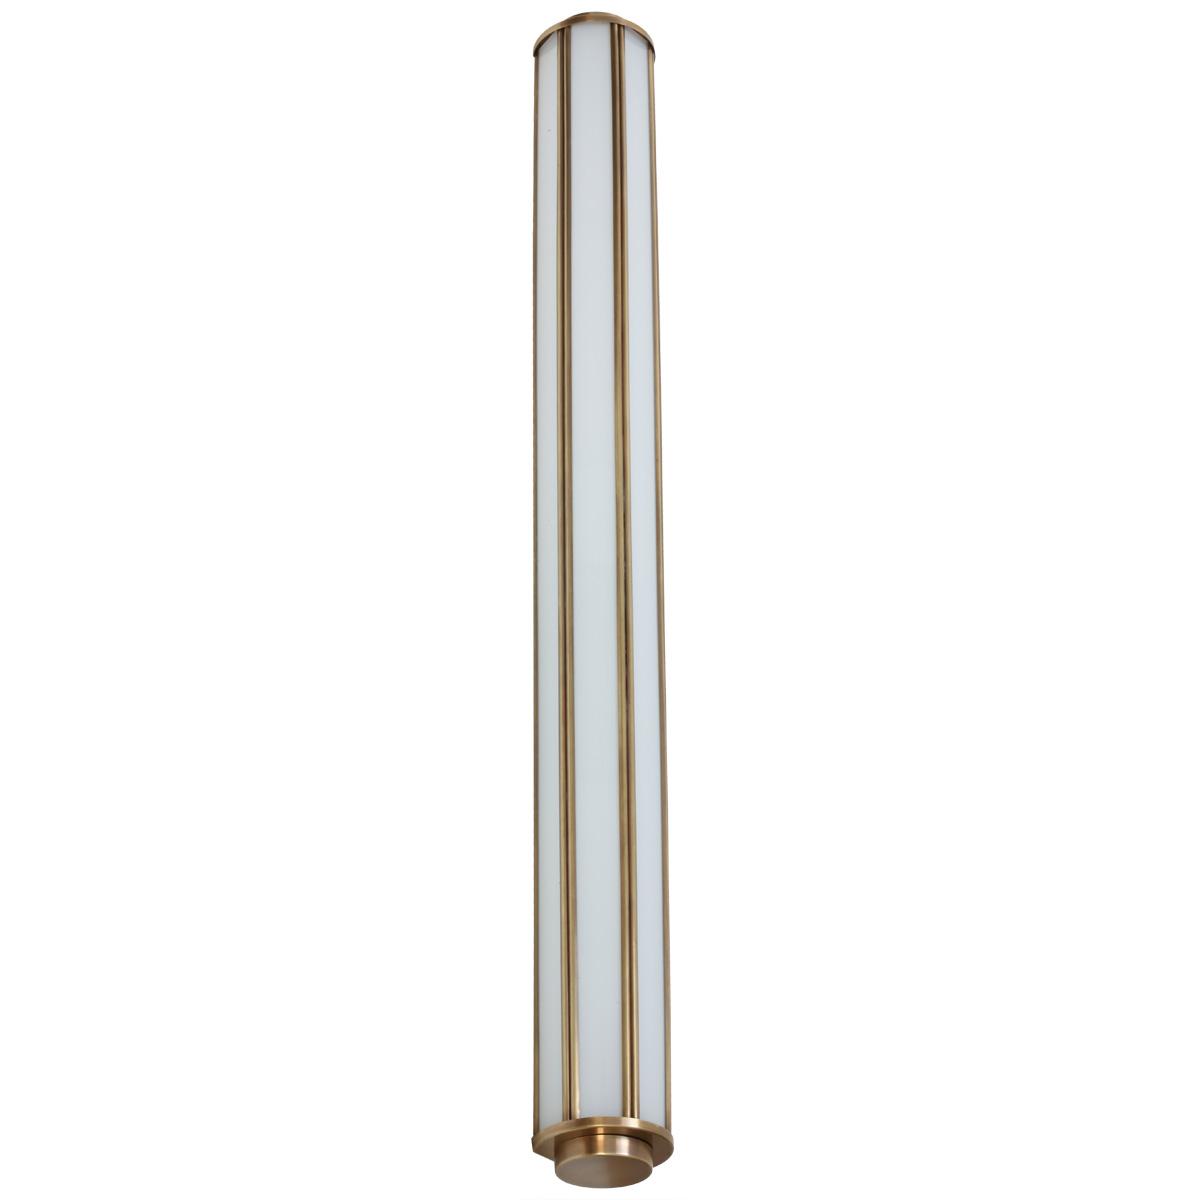 lange art déco-wandleuchte für bad und spiegel, 90 cm - casa lumi, Badezimmer ideen